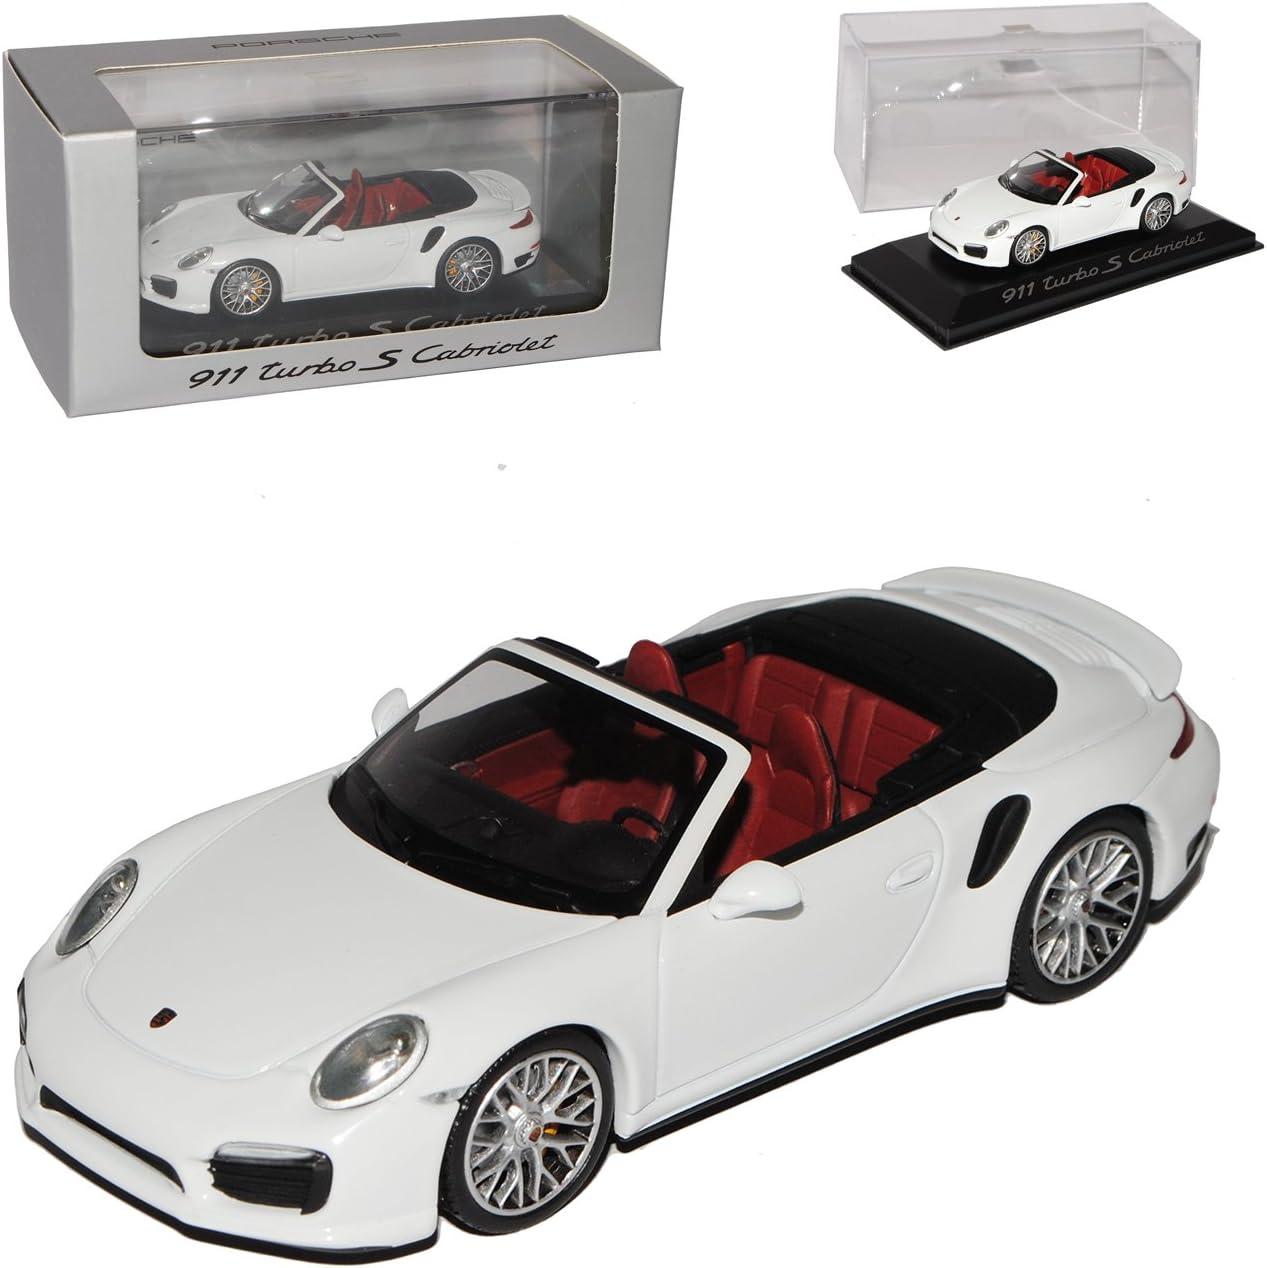 Minichamps Porsche 911 991 Cabrio Turbo S Weiss Ab 2012 1 43 Modell Auto Mit Individiuellem Wunschkennzeichen Spielzeug